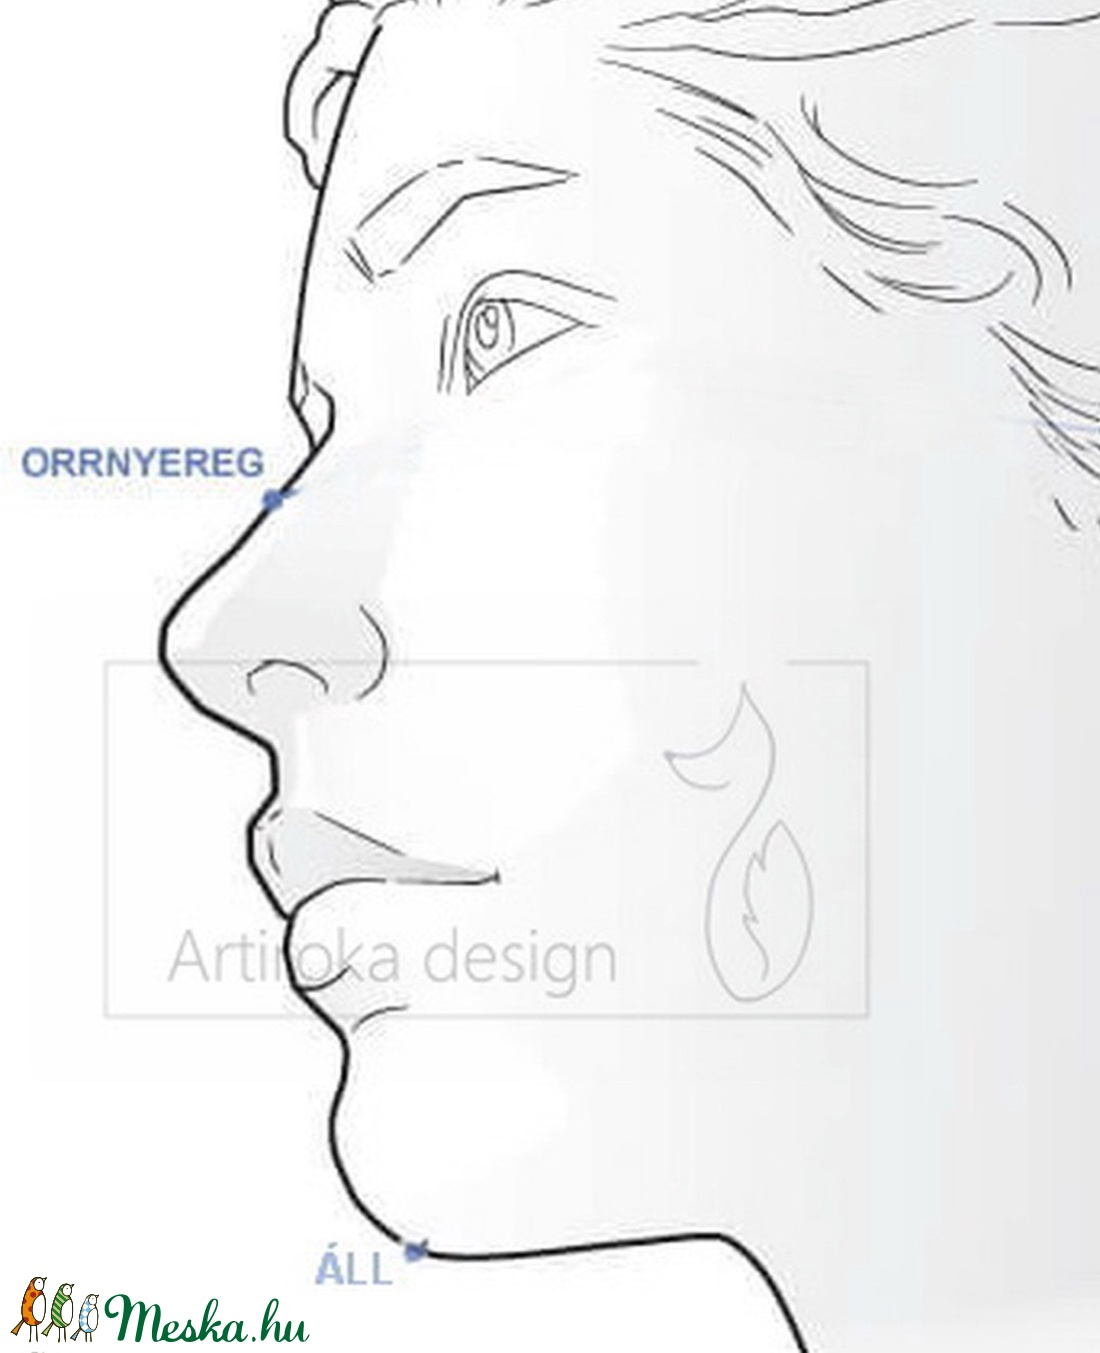 Egyszínű lila vagy pasztell lila színű arcmaszk - szájmaszk, maszk - Artiroka design - maszk, arcmaszk - női - Meska.hu